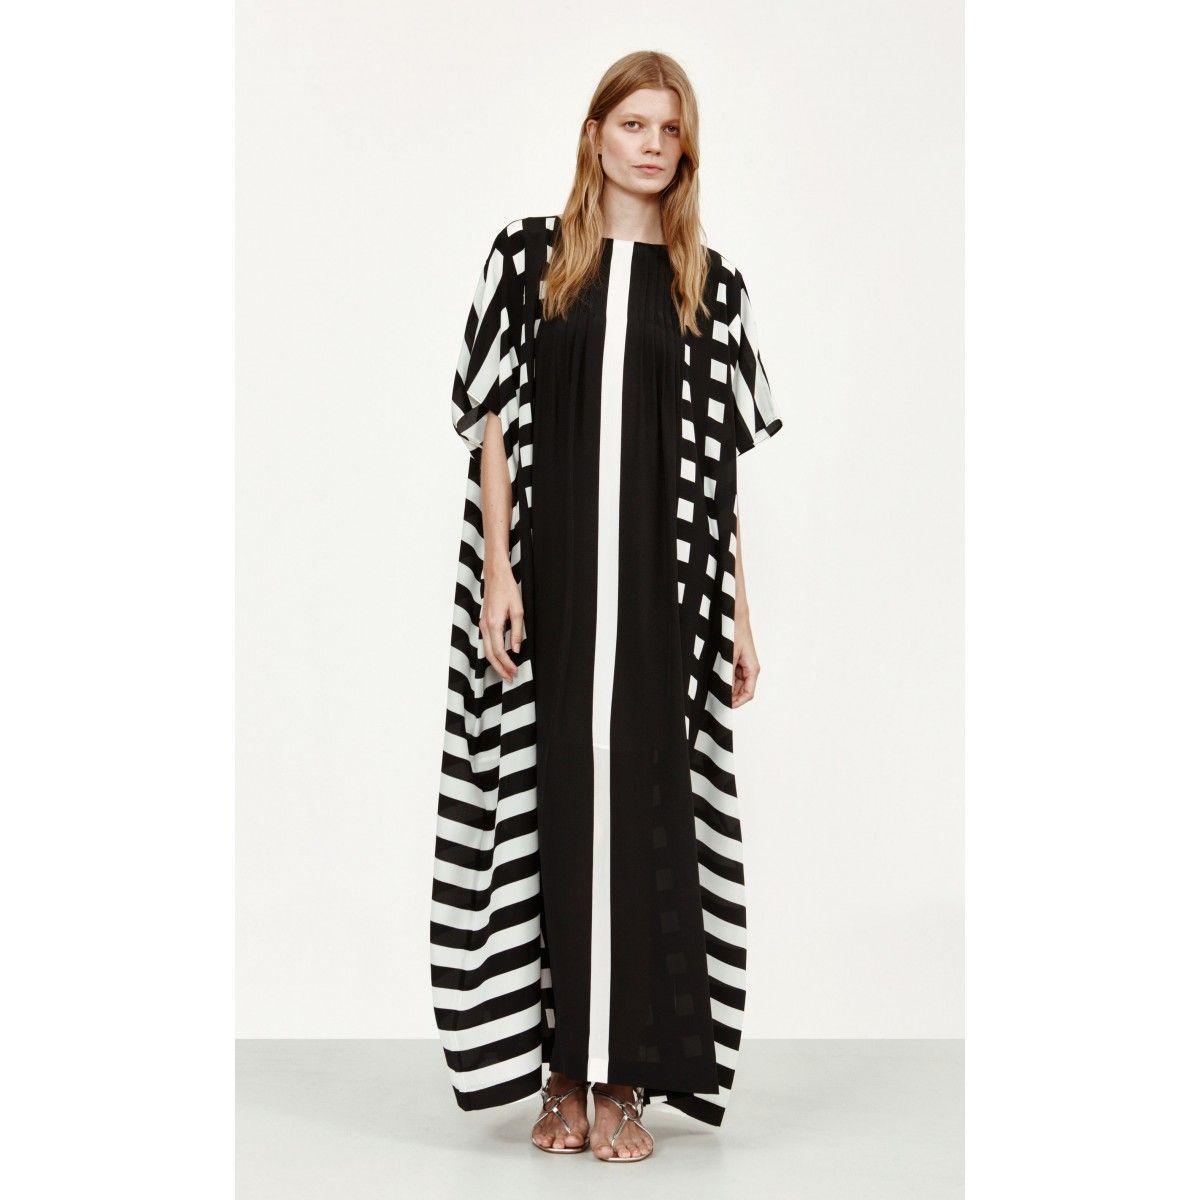 Korppi dress black white long silk dress and hemline